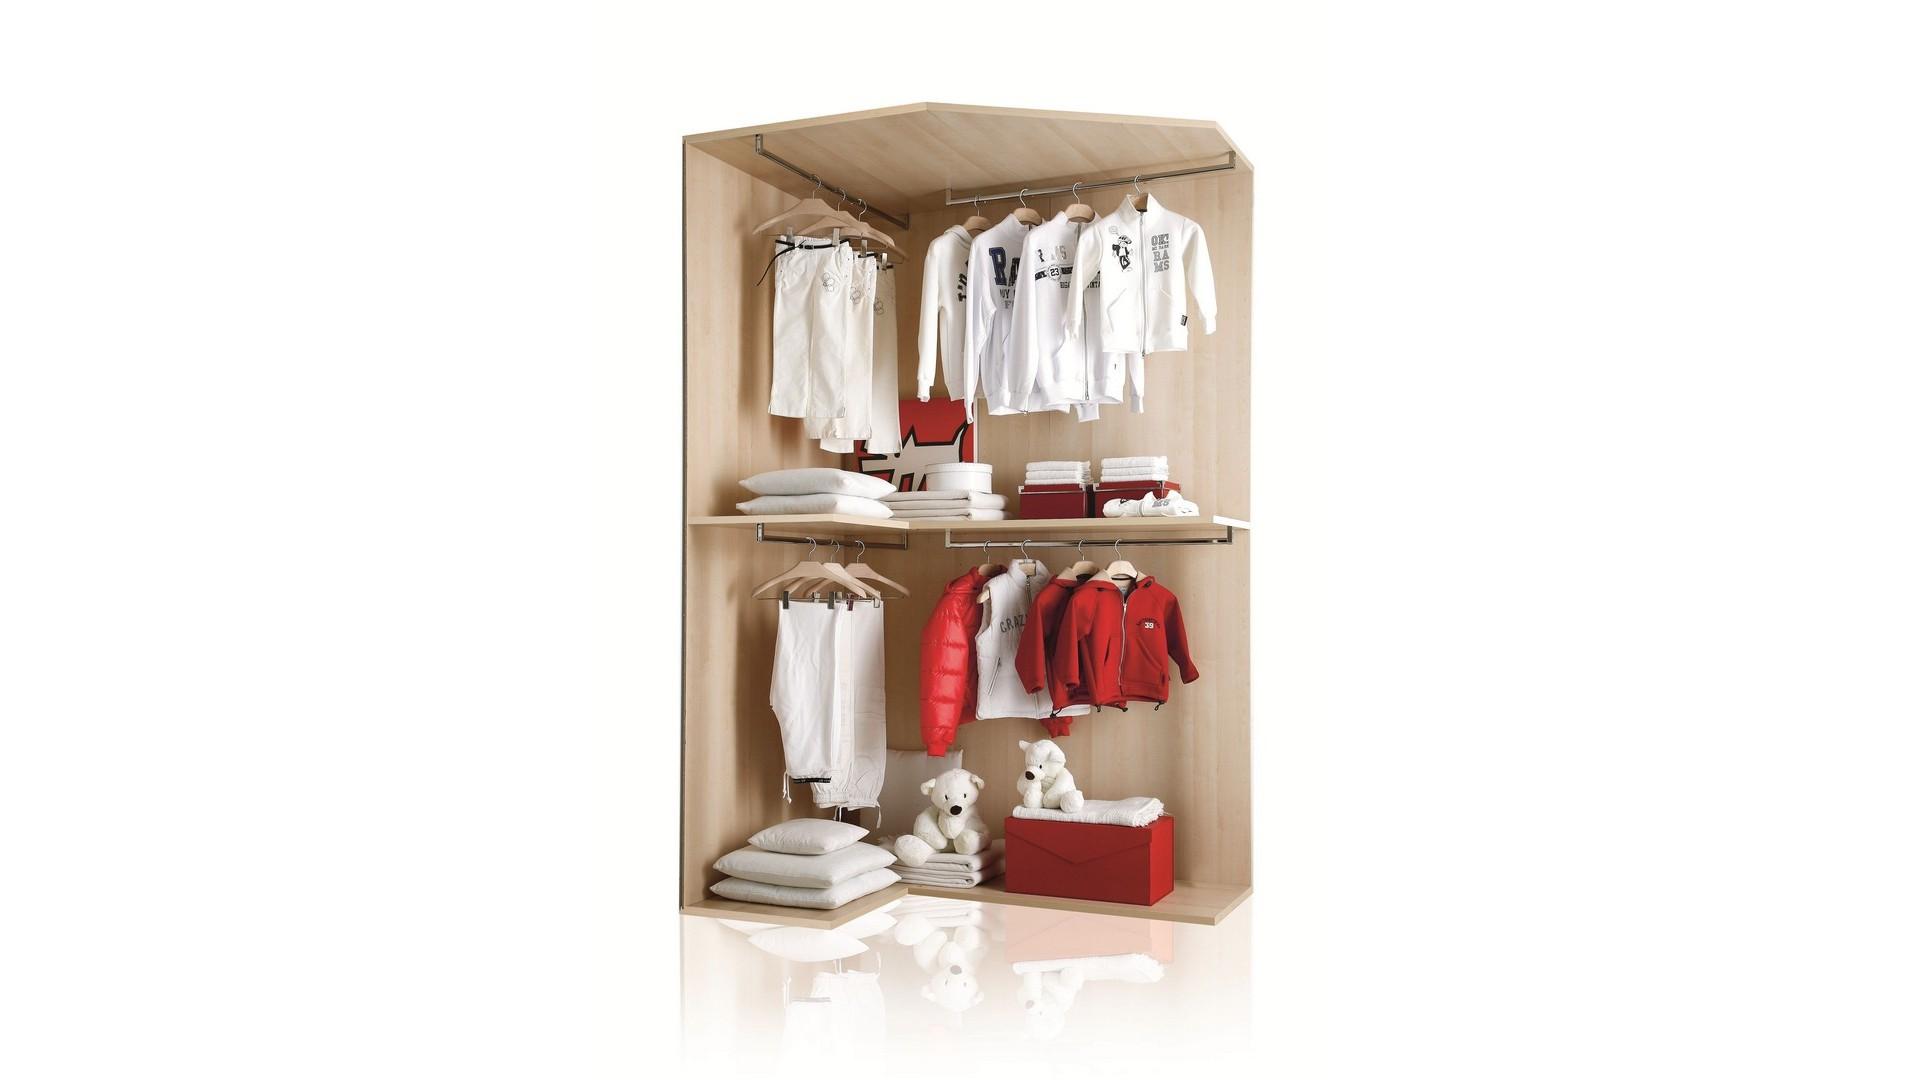 Cabine armadio modulari per camerette - Misure cabine armadio ...